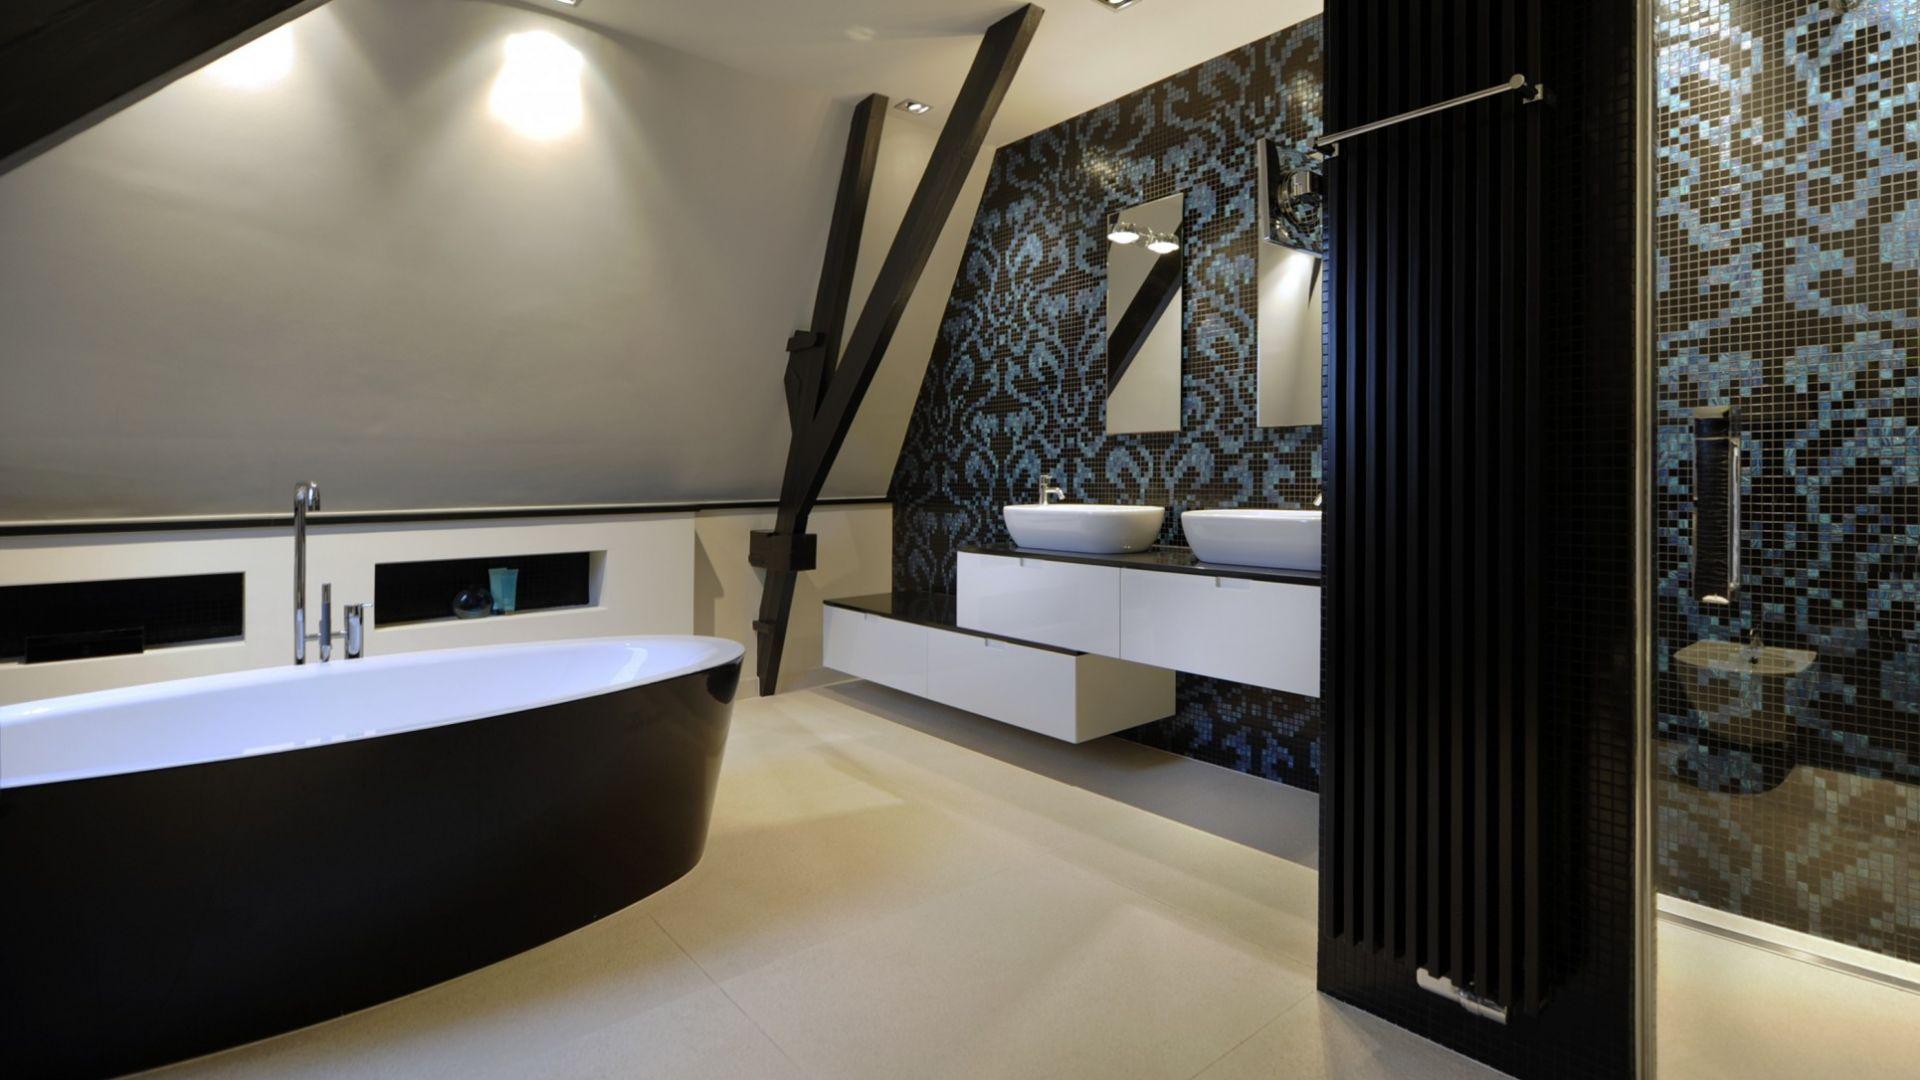 Badkamer Showroom Wijchen : Aalbers badkamers behoort tot de e generatie aalbers badkamer